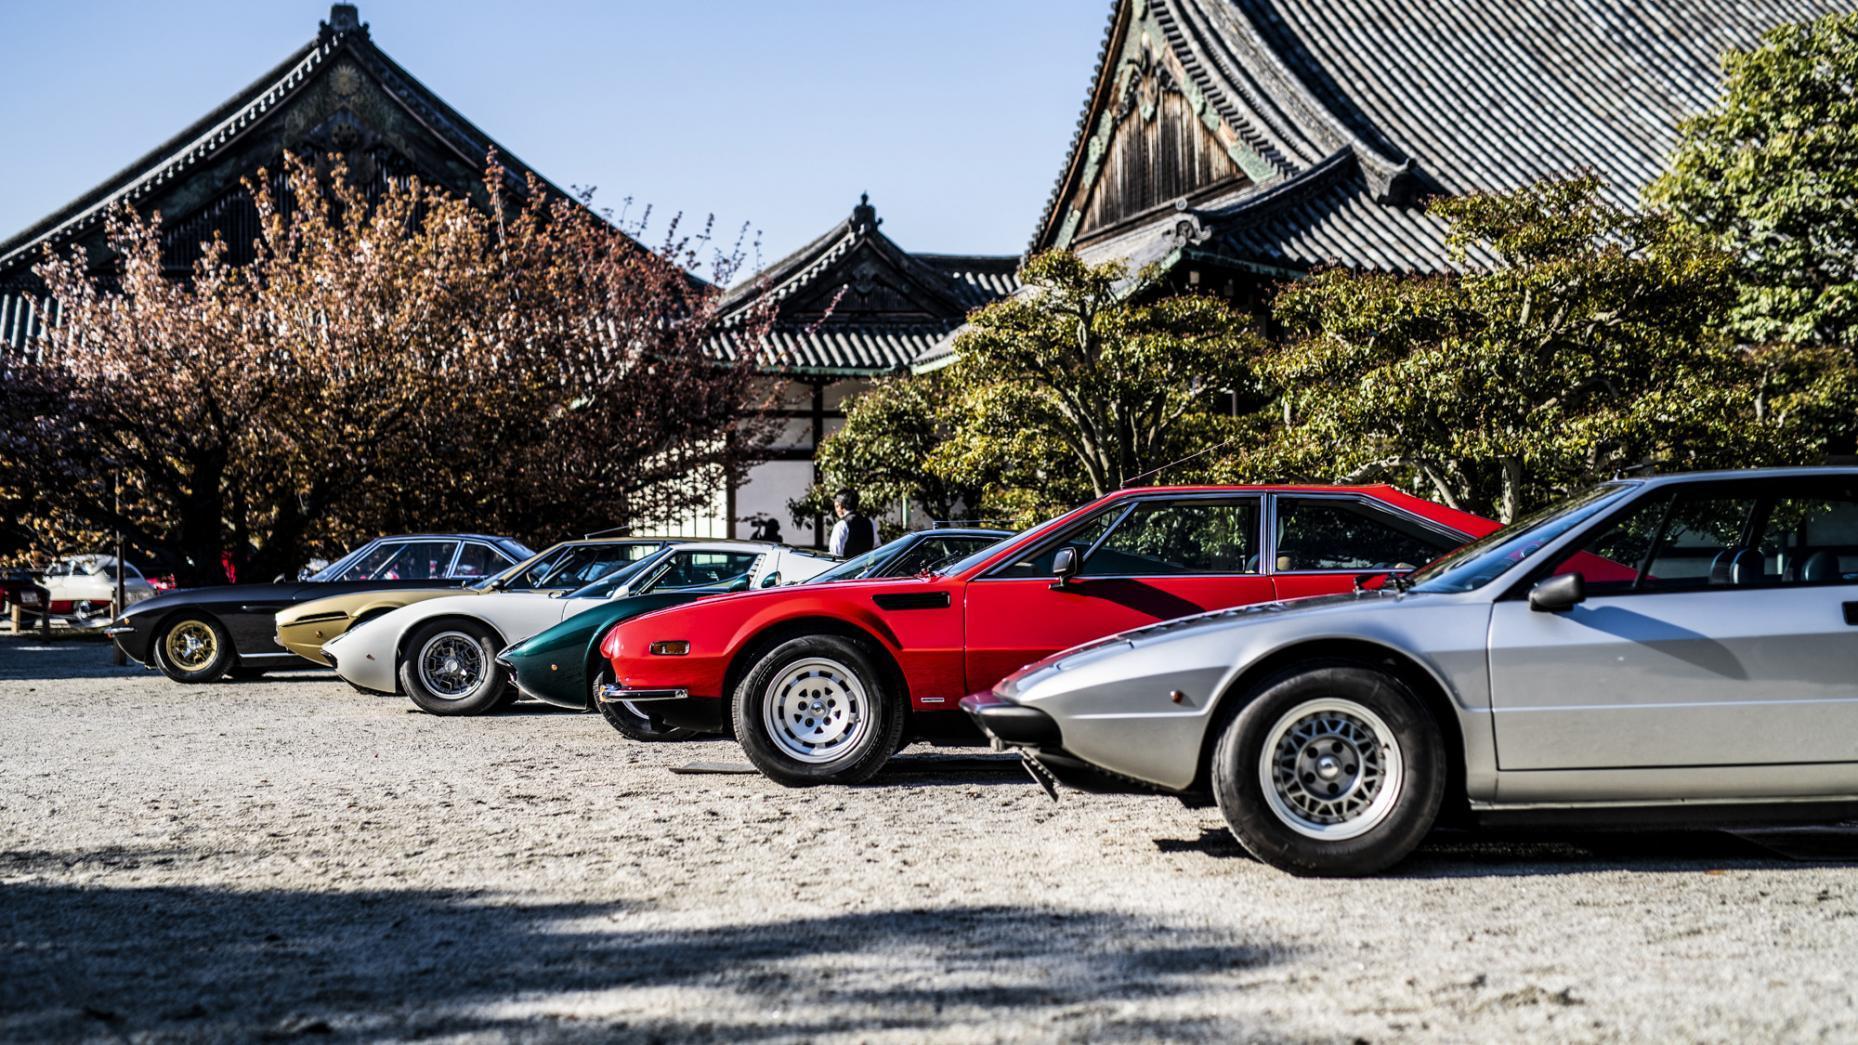 Kyoto's 'Concorso d'Eleganza'